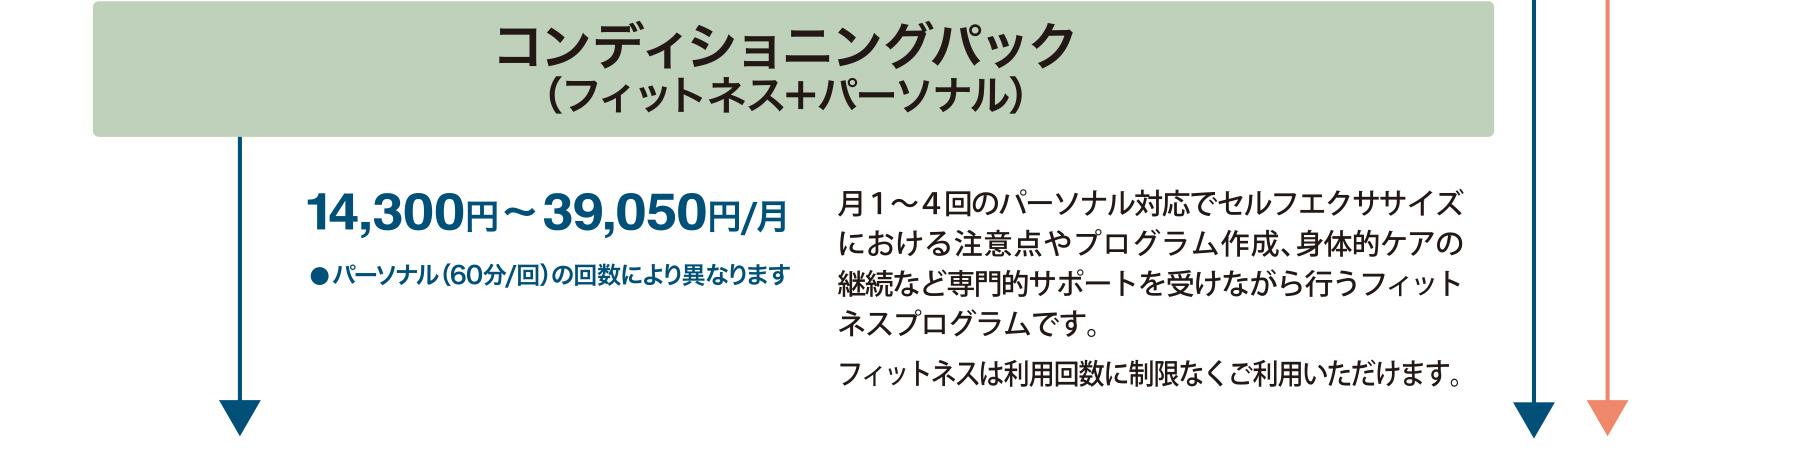 コンディショニングパック(フィットネス+パーソナル)13,000円~35,500円/月●パーソナル(60分/回)の回数により異なります